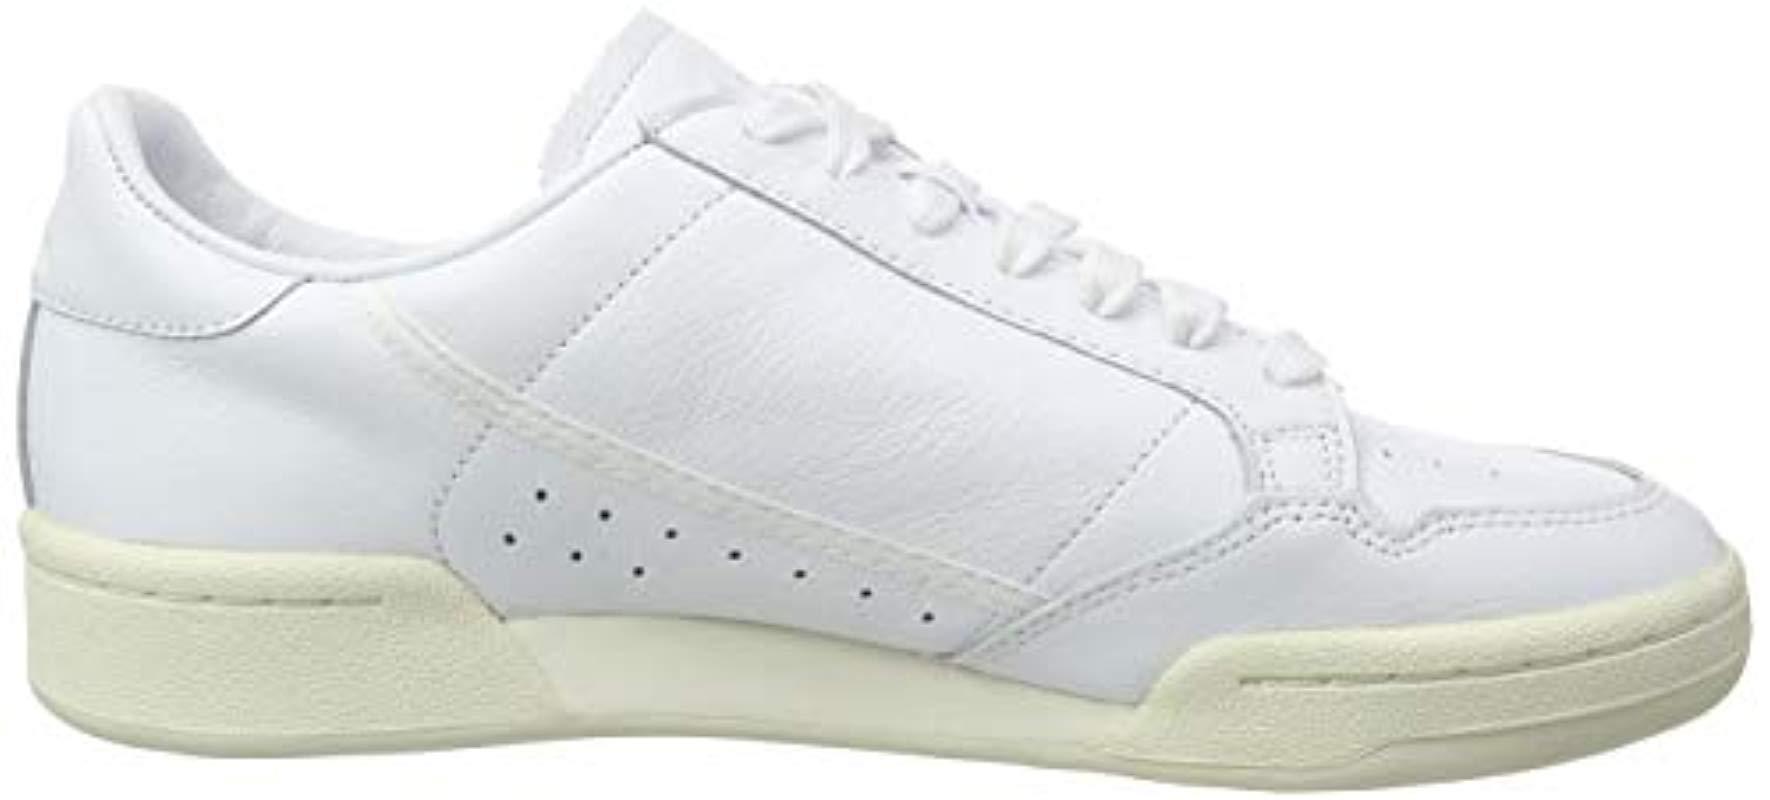 Continental adidas de color Blanco - 50 % de descuento